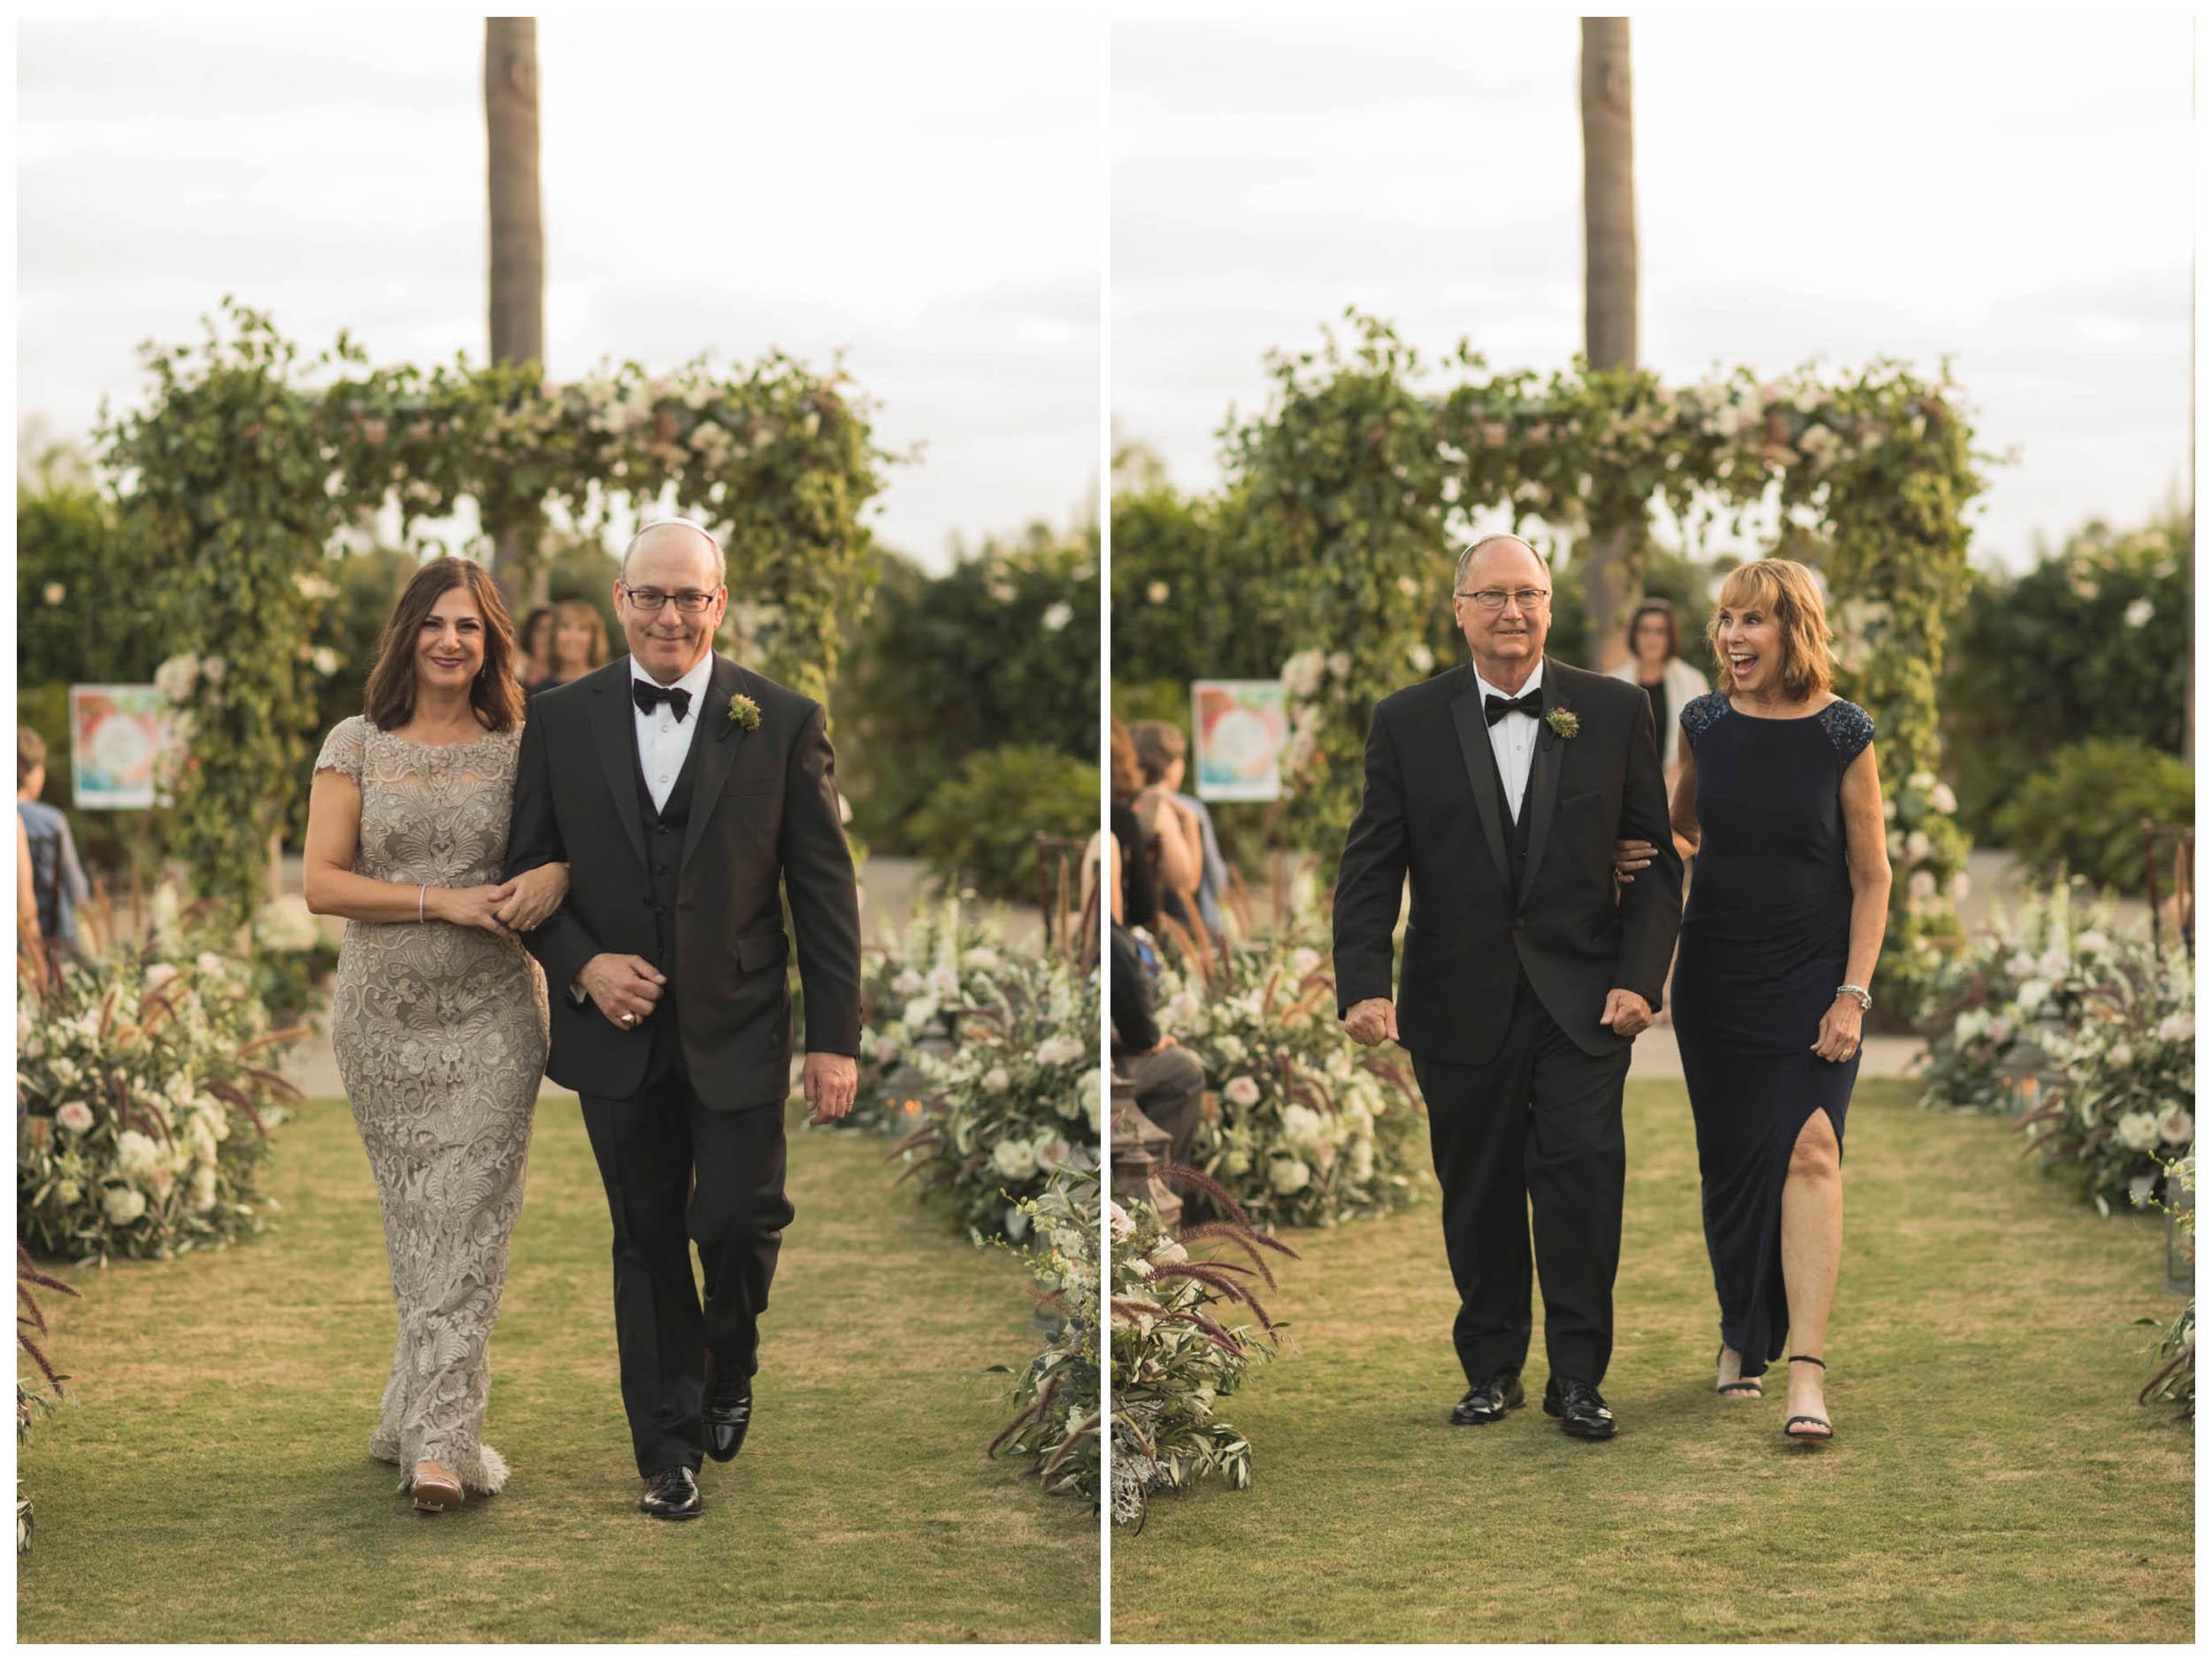 shewanders.wedding.photography.san.diego.rustic._1730.jpg